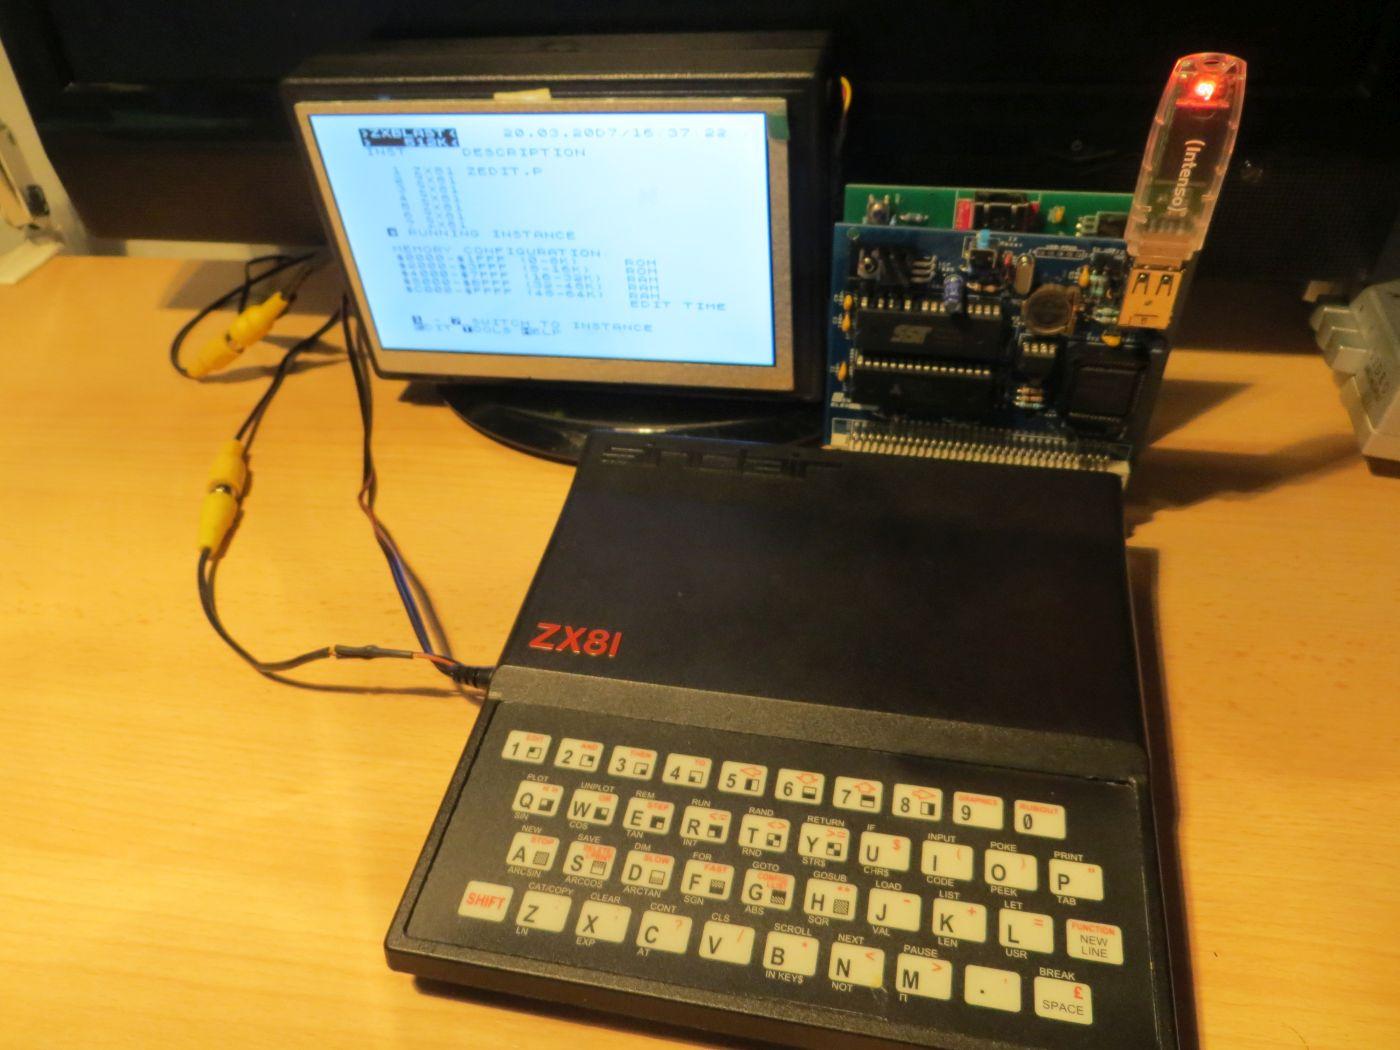 ZX81 mit ZXBlast